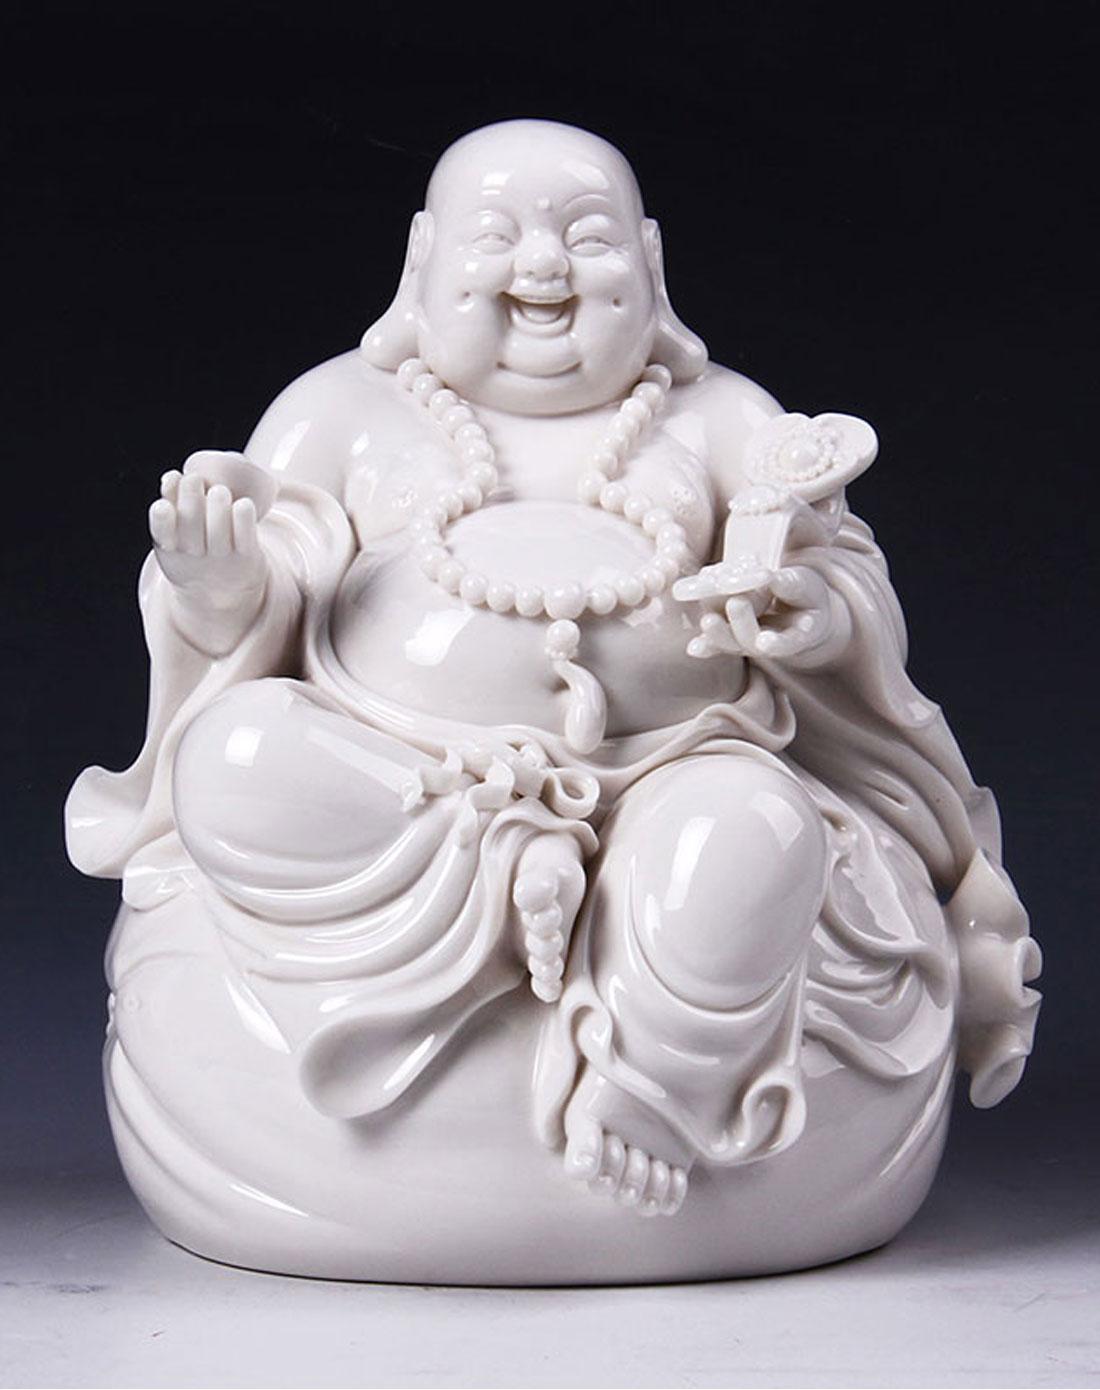 布袋弥勒佛陶瓷摆件陶瓷工艺品礼品家居摆件